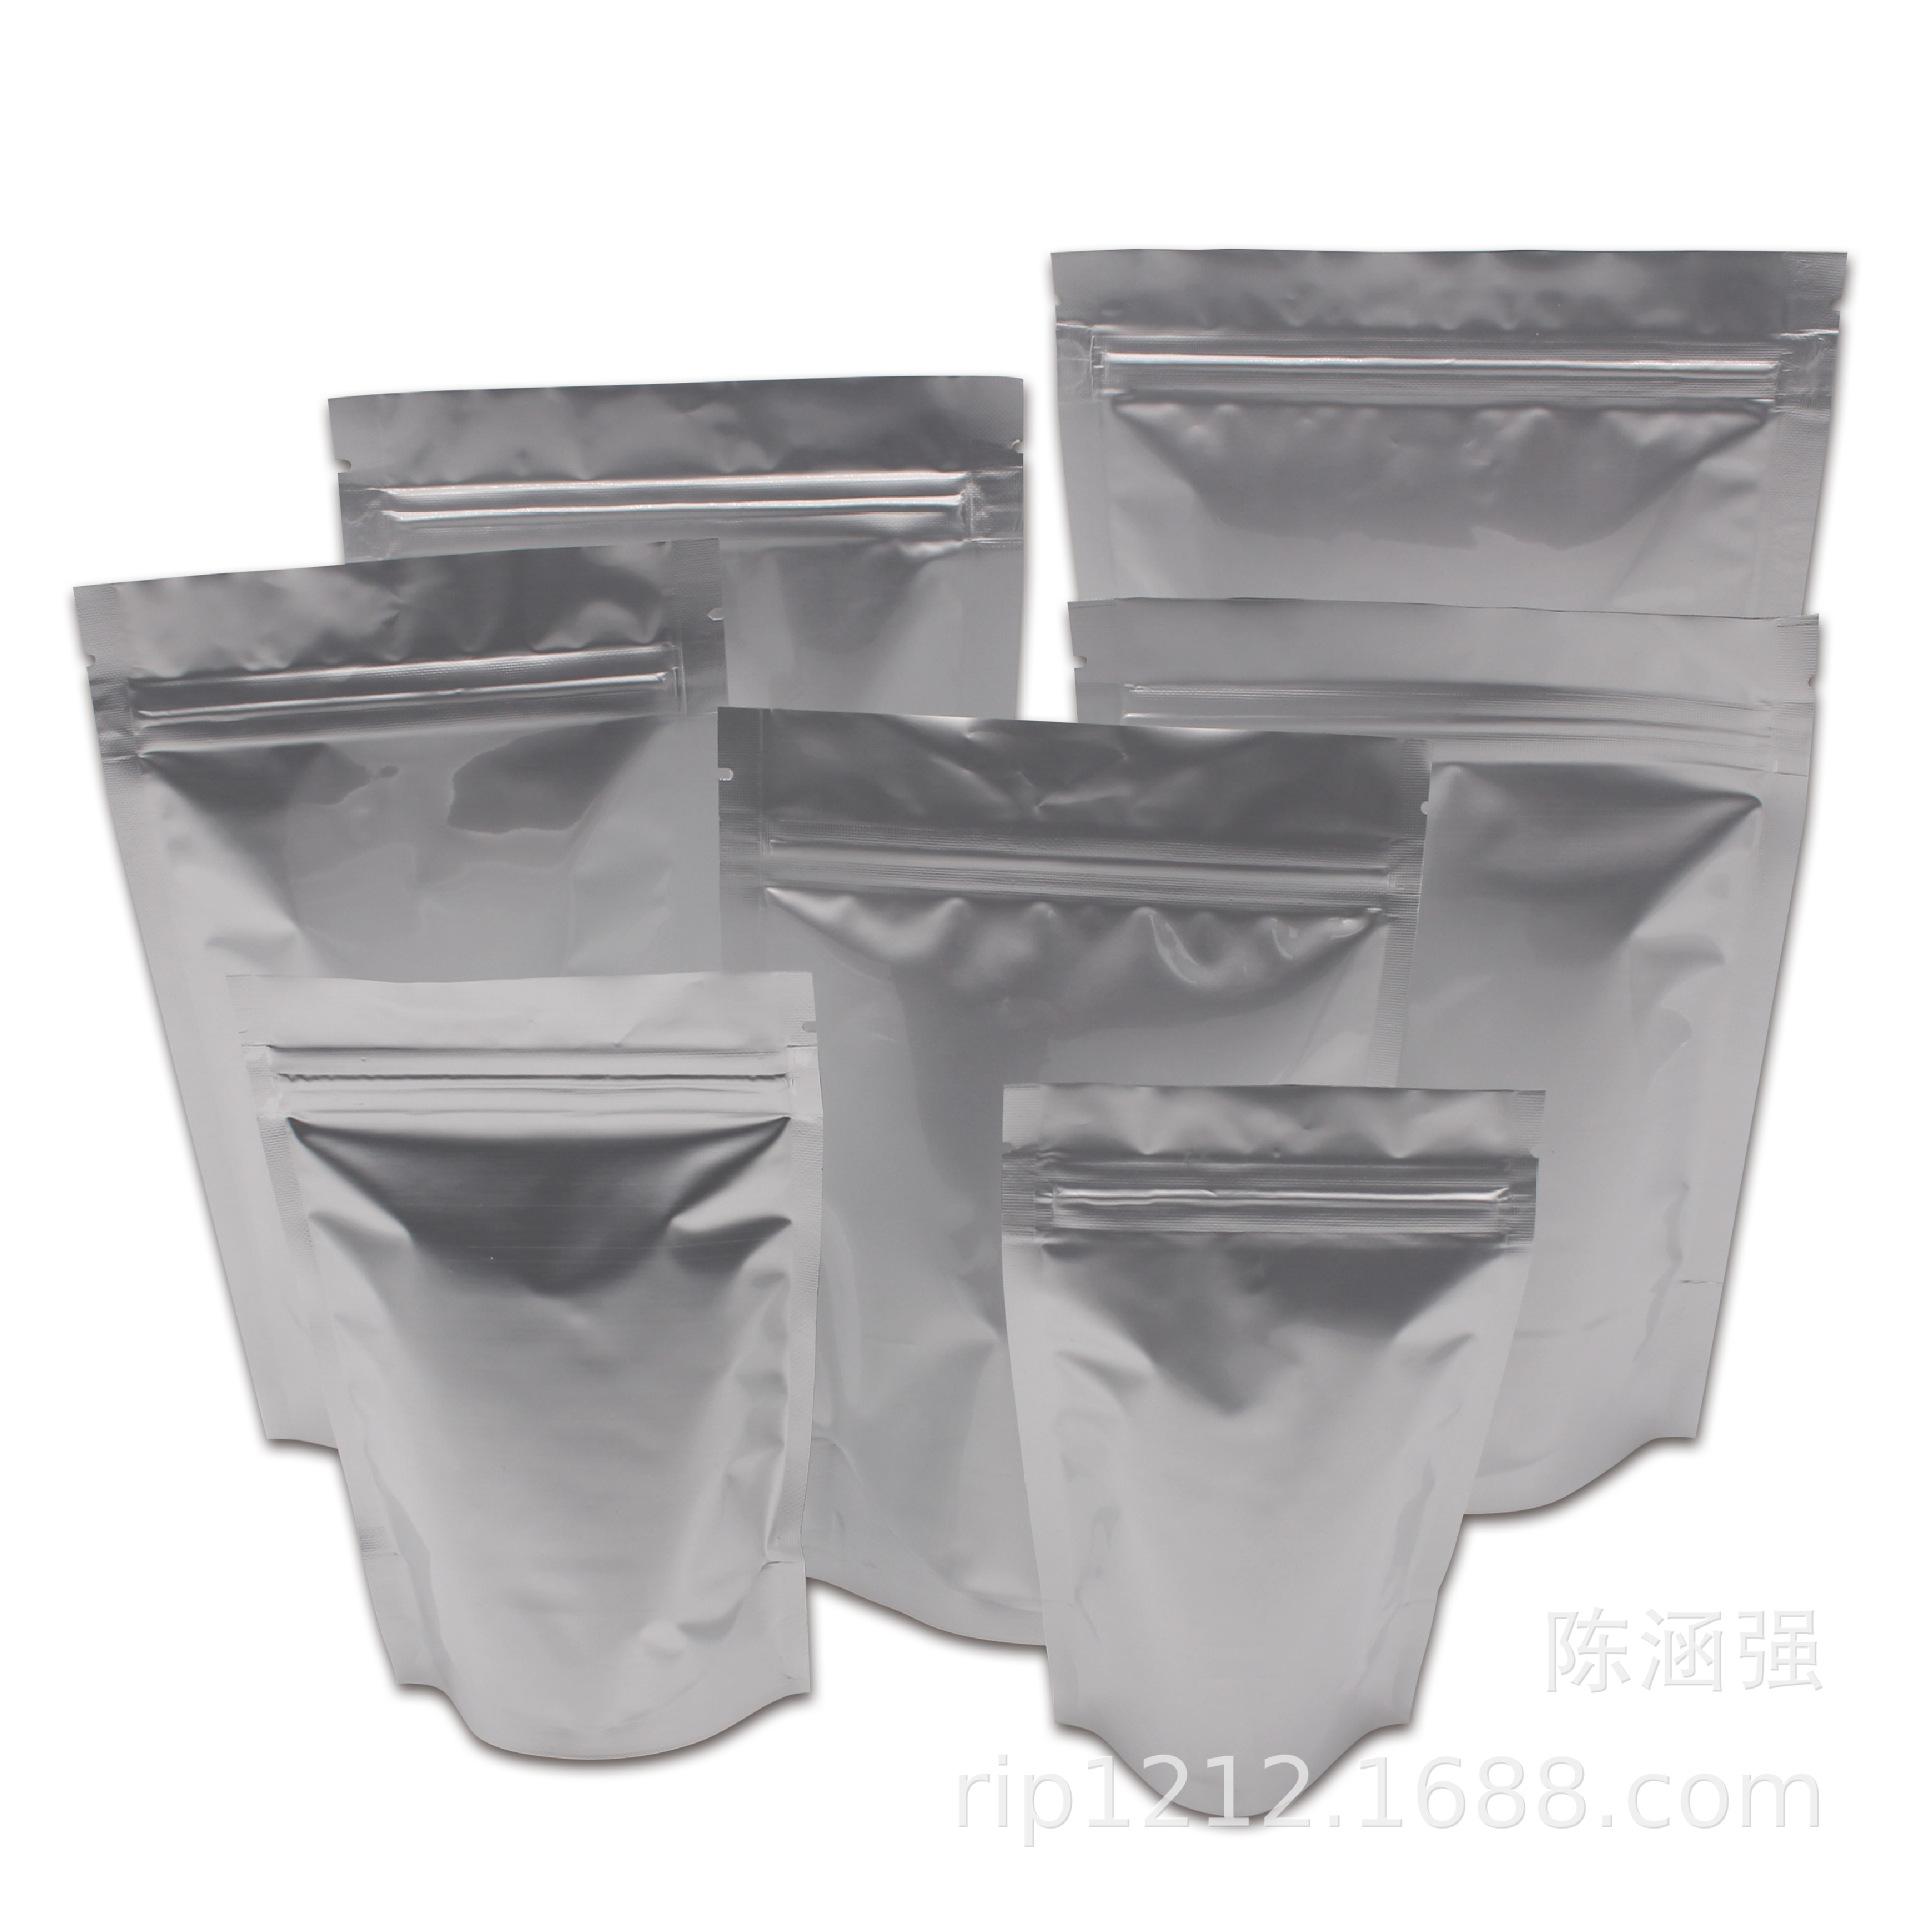 CHQ Túi đựng trà lá ngoài kệ Túi ziplock tự hỗ trợ bag túi đóng gói thực phẩm niêm phong túi dây kéo